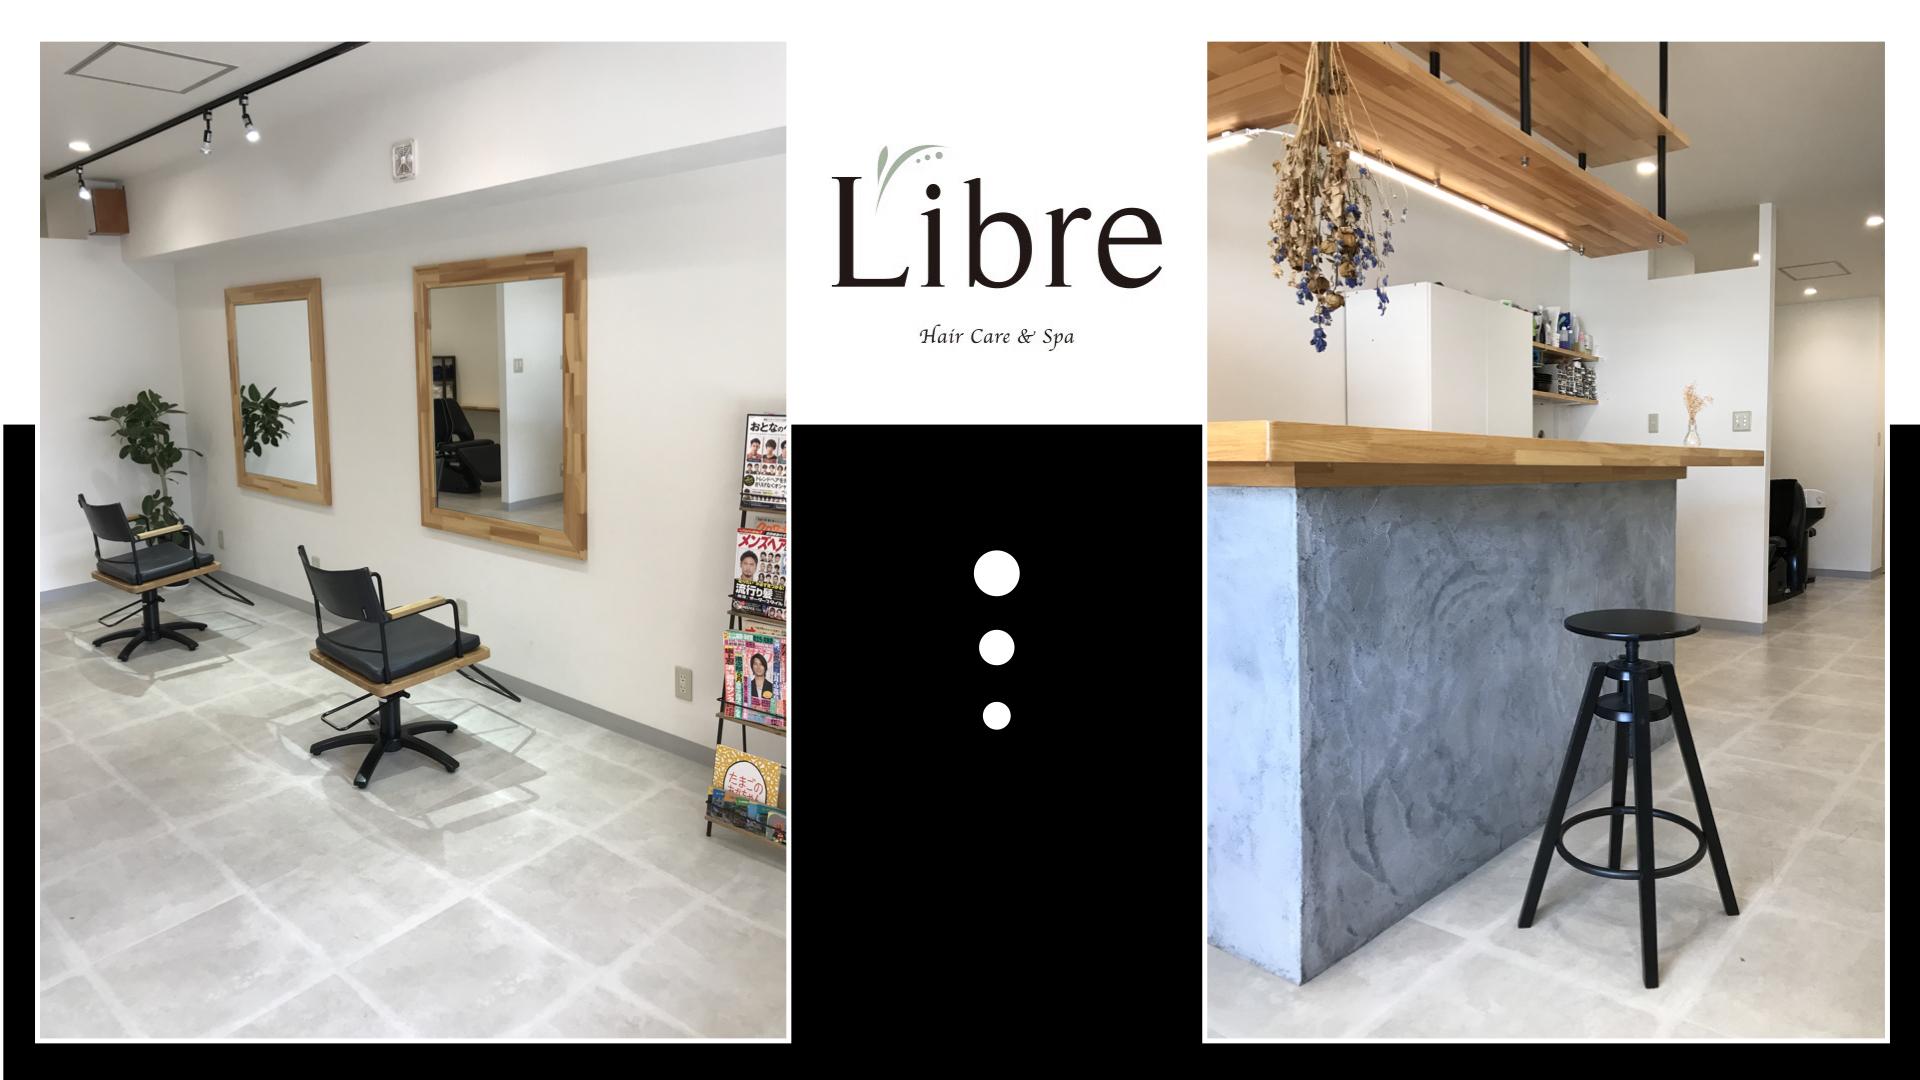 【公式】Libre リーブル|北九州小倉南区髪質改善縮毛矯正が人気な美容室|髪質改善トリートメント